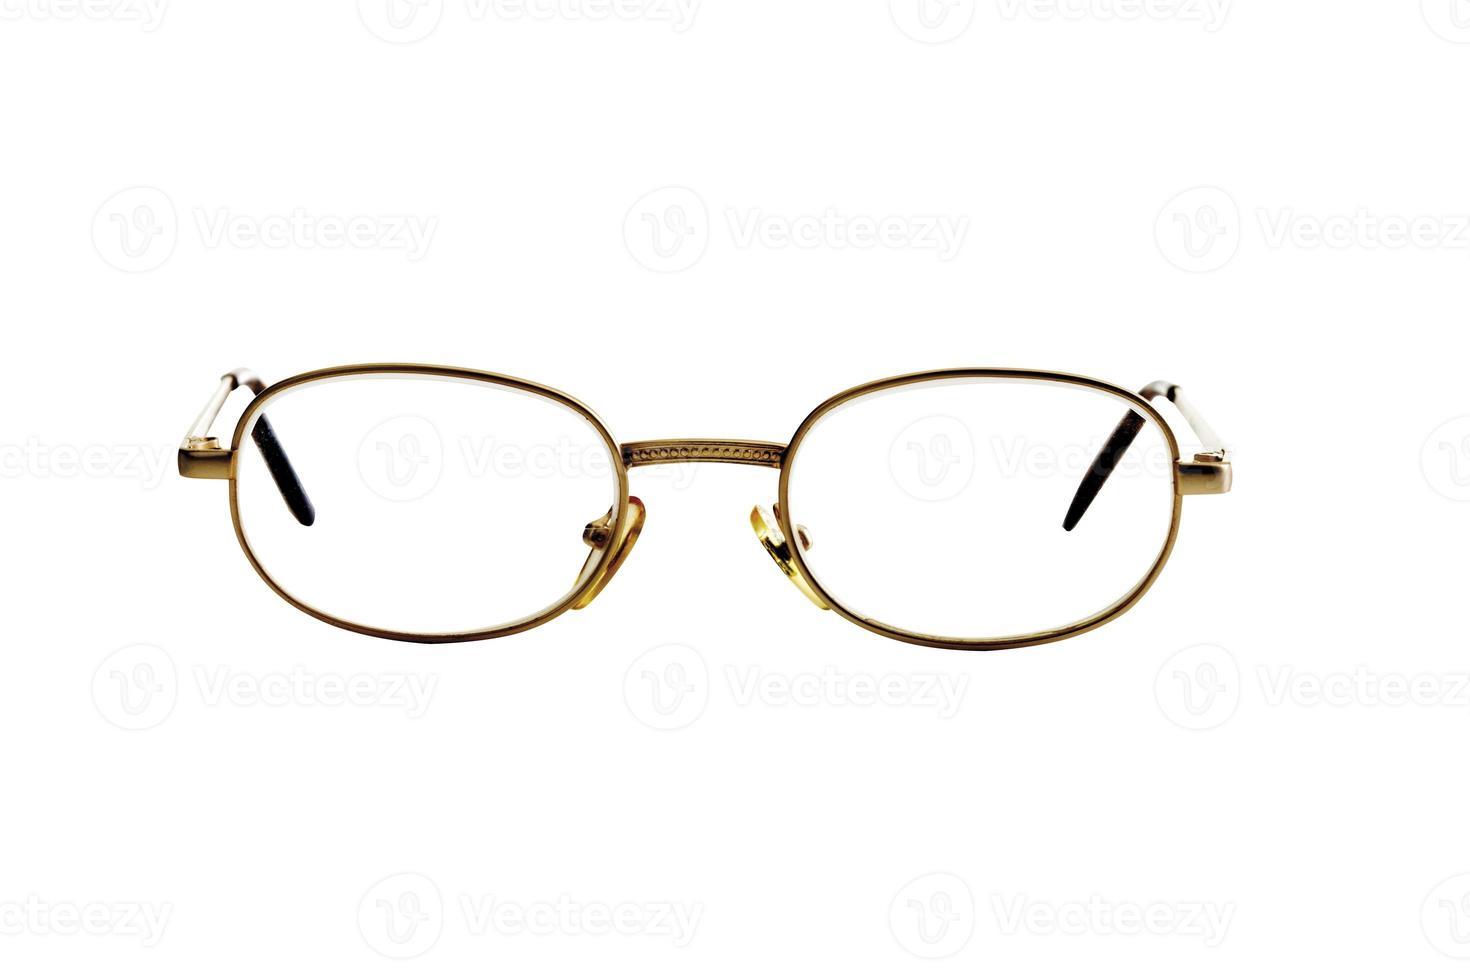 occhiali, primo piano foto